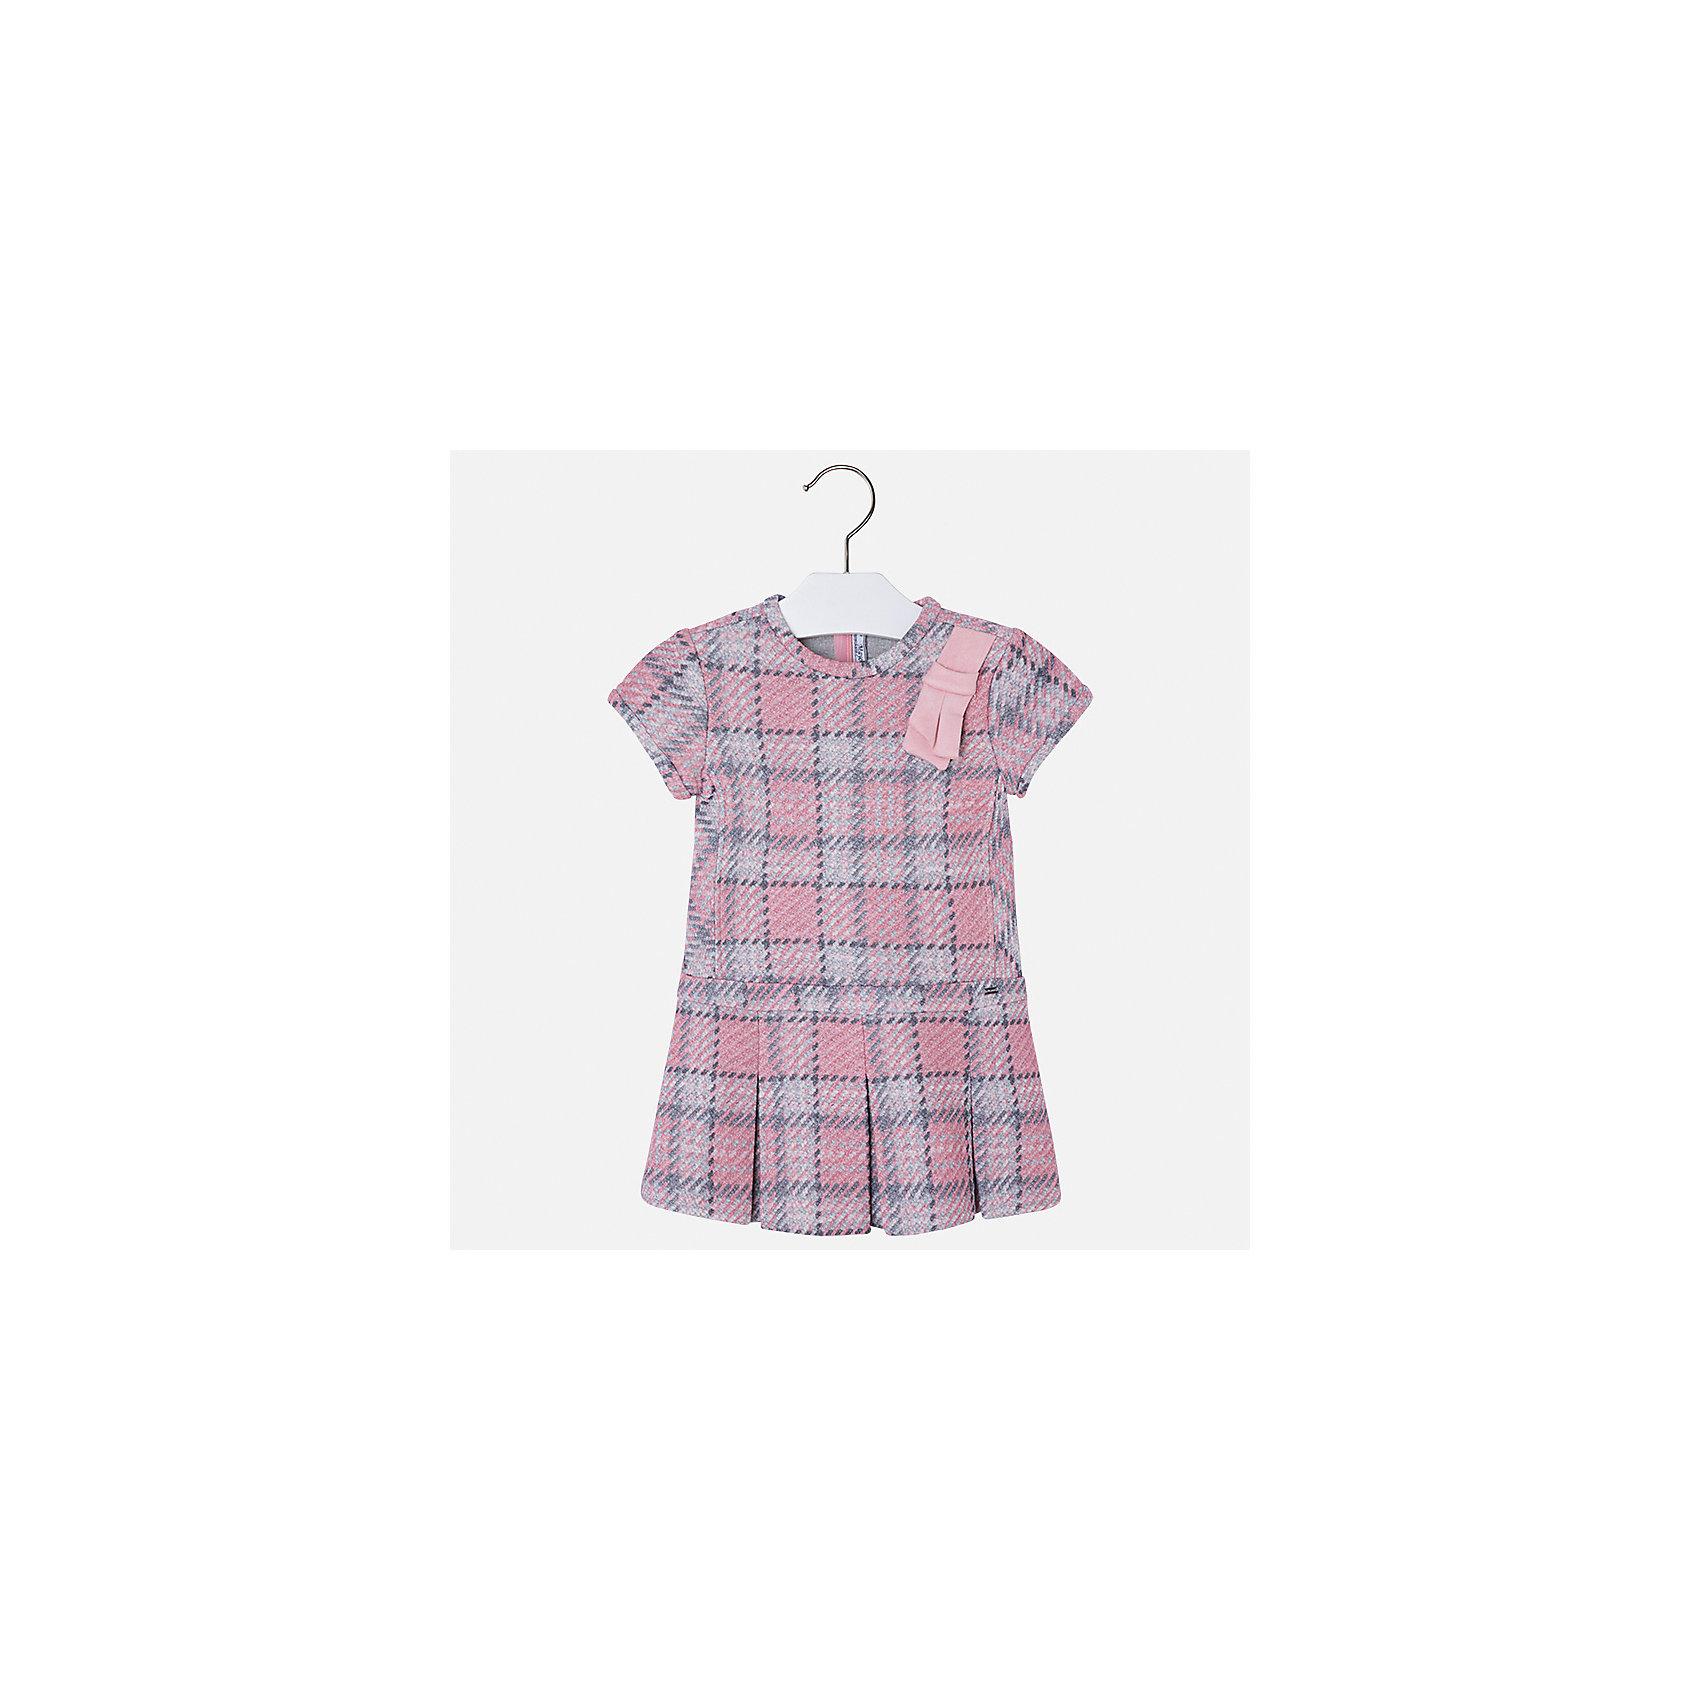 Платье Mayoral для девочкиОсенне-зимние платья и сарафаны<br>Характеристики товара:<br><br>• цвет: розовый<br>• состав ткани: 85% хлопок, 15% полиэстер<br>• сезон: круглый год<br>• короткие рукава<br>• застежка: молния<br>• страна бренда: Испания<br>• страна изготовитель: Индия<br><br><br>Качественная детская одежда от Mayoral поможет детям выглядеть красиво. Это платье для девочки из комбинированного материала отличается модным силуэтом с высокой талией. Детское платье от бренда Майорал поможет девочке выглядеть женственно и стильно. <br><br>Детская одежда от испанской компании Mayoral отличаются оригинальным и всегда стильным дизайном. Качество продукции неизменно очень высокое.<br><br>Платье для девочки Mayoral (Майорал) можно купить в нашем интернет-магазине.<br><br>Ширина мм: 236<br>Глубина мм: 16<br>Высота мм: 184<br>Вес г: 177<br>Цвет: розовый<br>Возраст от месяцев: 18<br>Возраст до месяцев: 24<br>Пол: Женский<br>Возраст: Детский<br>Размер: 92,98,104,110,116,122,128,134<br>SKU: 6923401